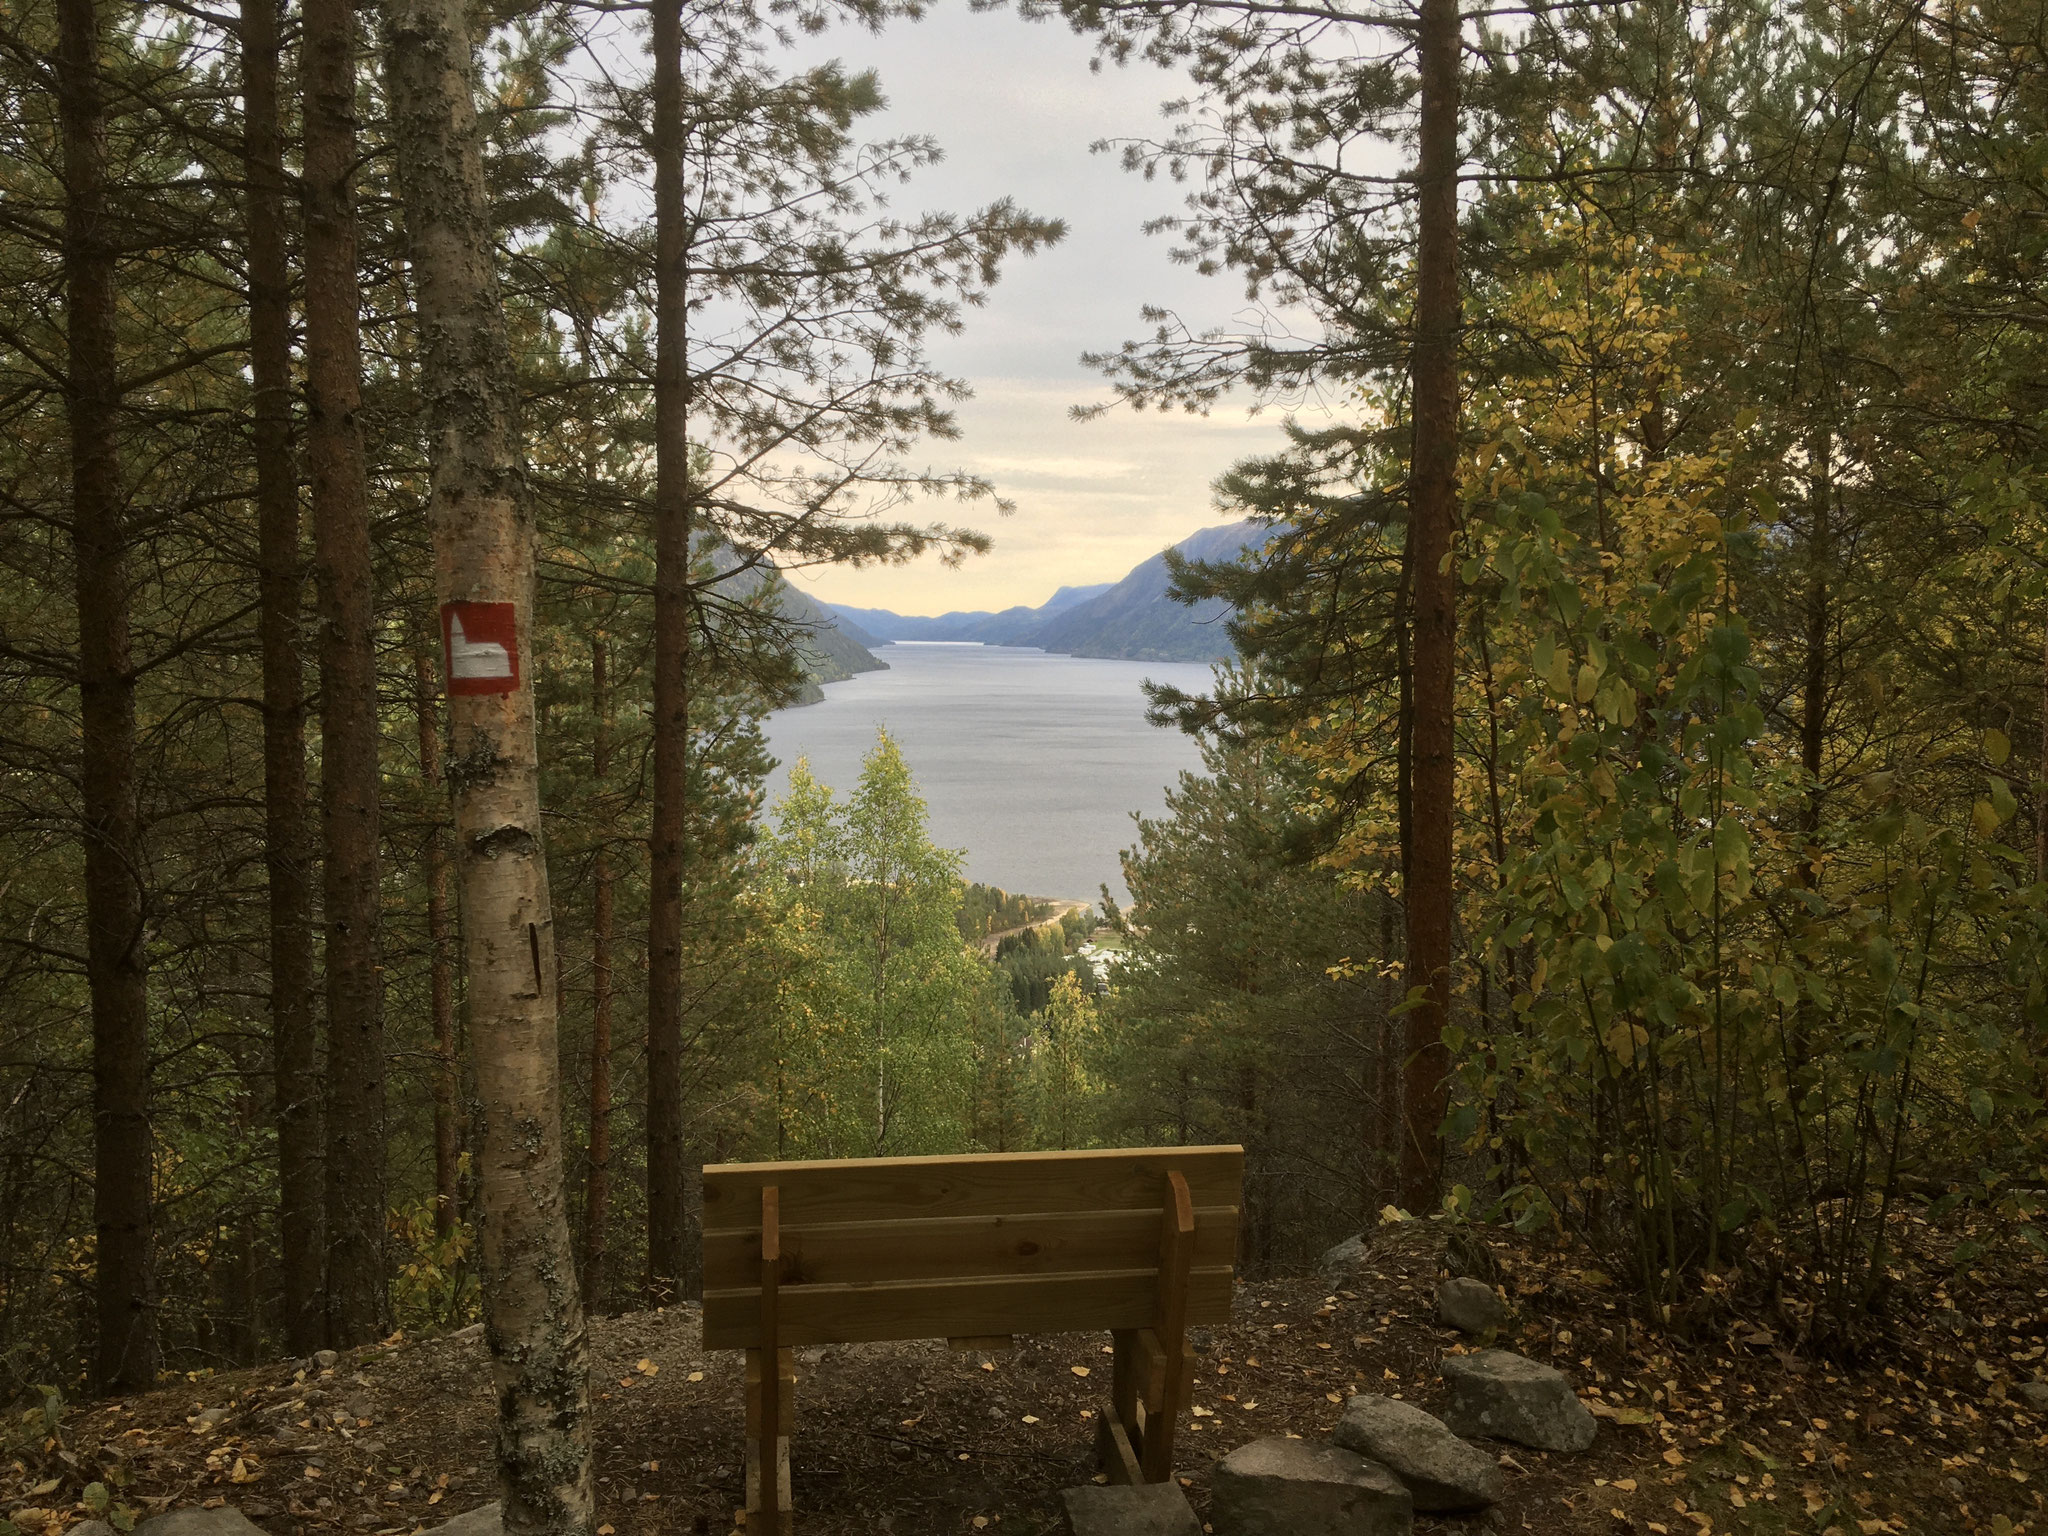 Immer wieder ergibt sich eine tolle Aussicht über den Tinnsjø